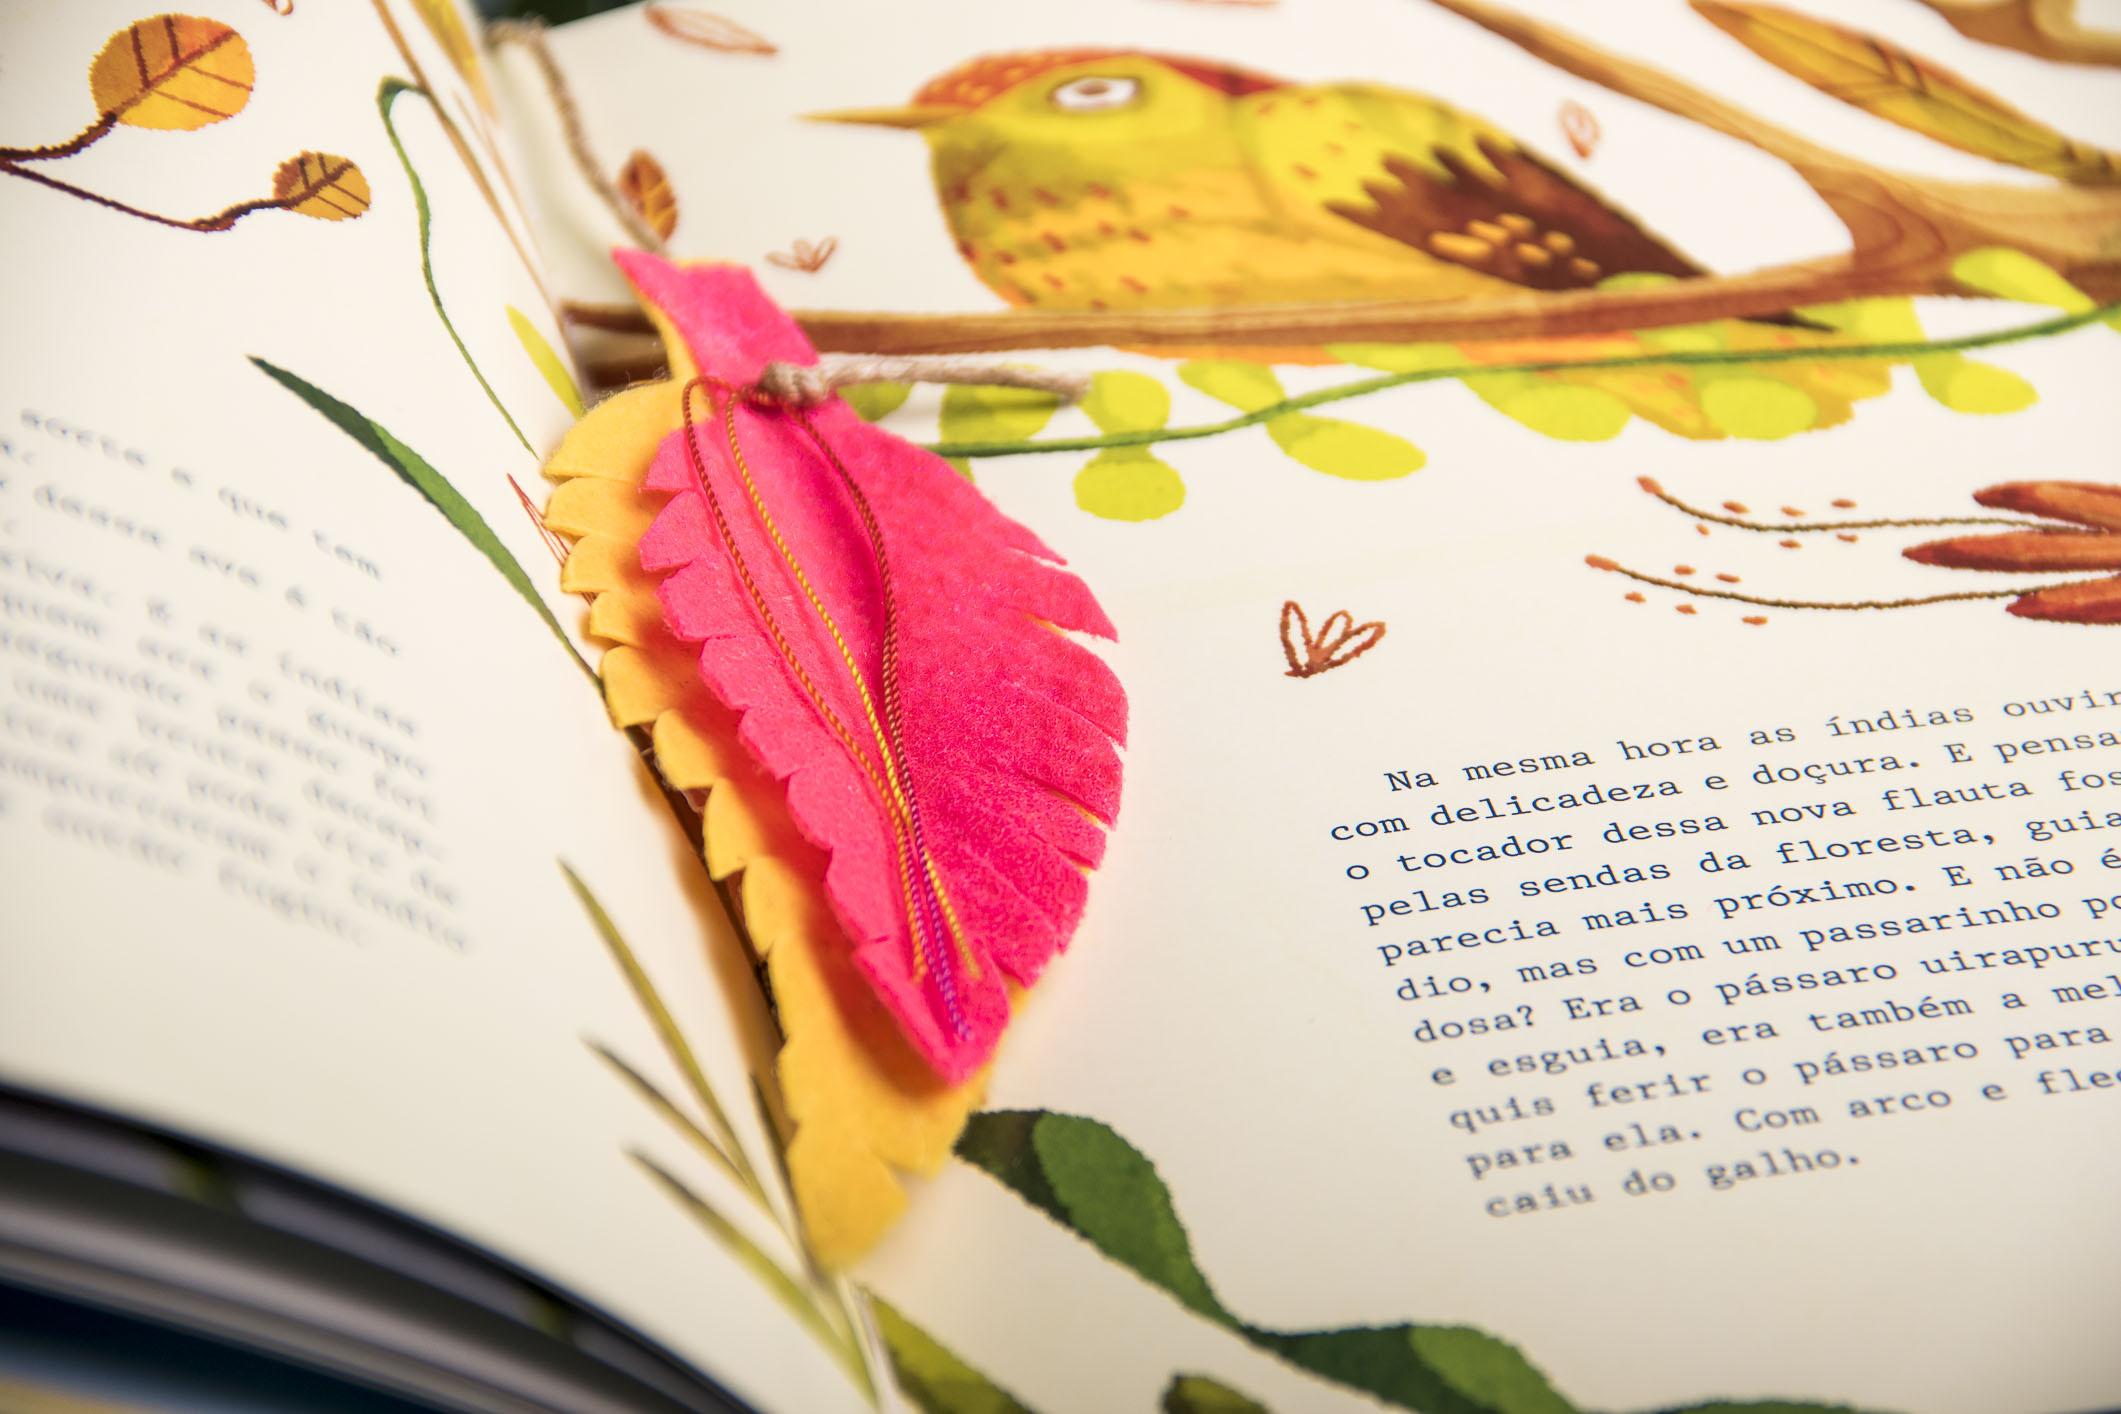 Leitura, cultura e artesanato por um mundo melhor